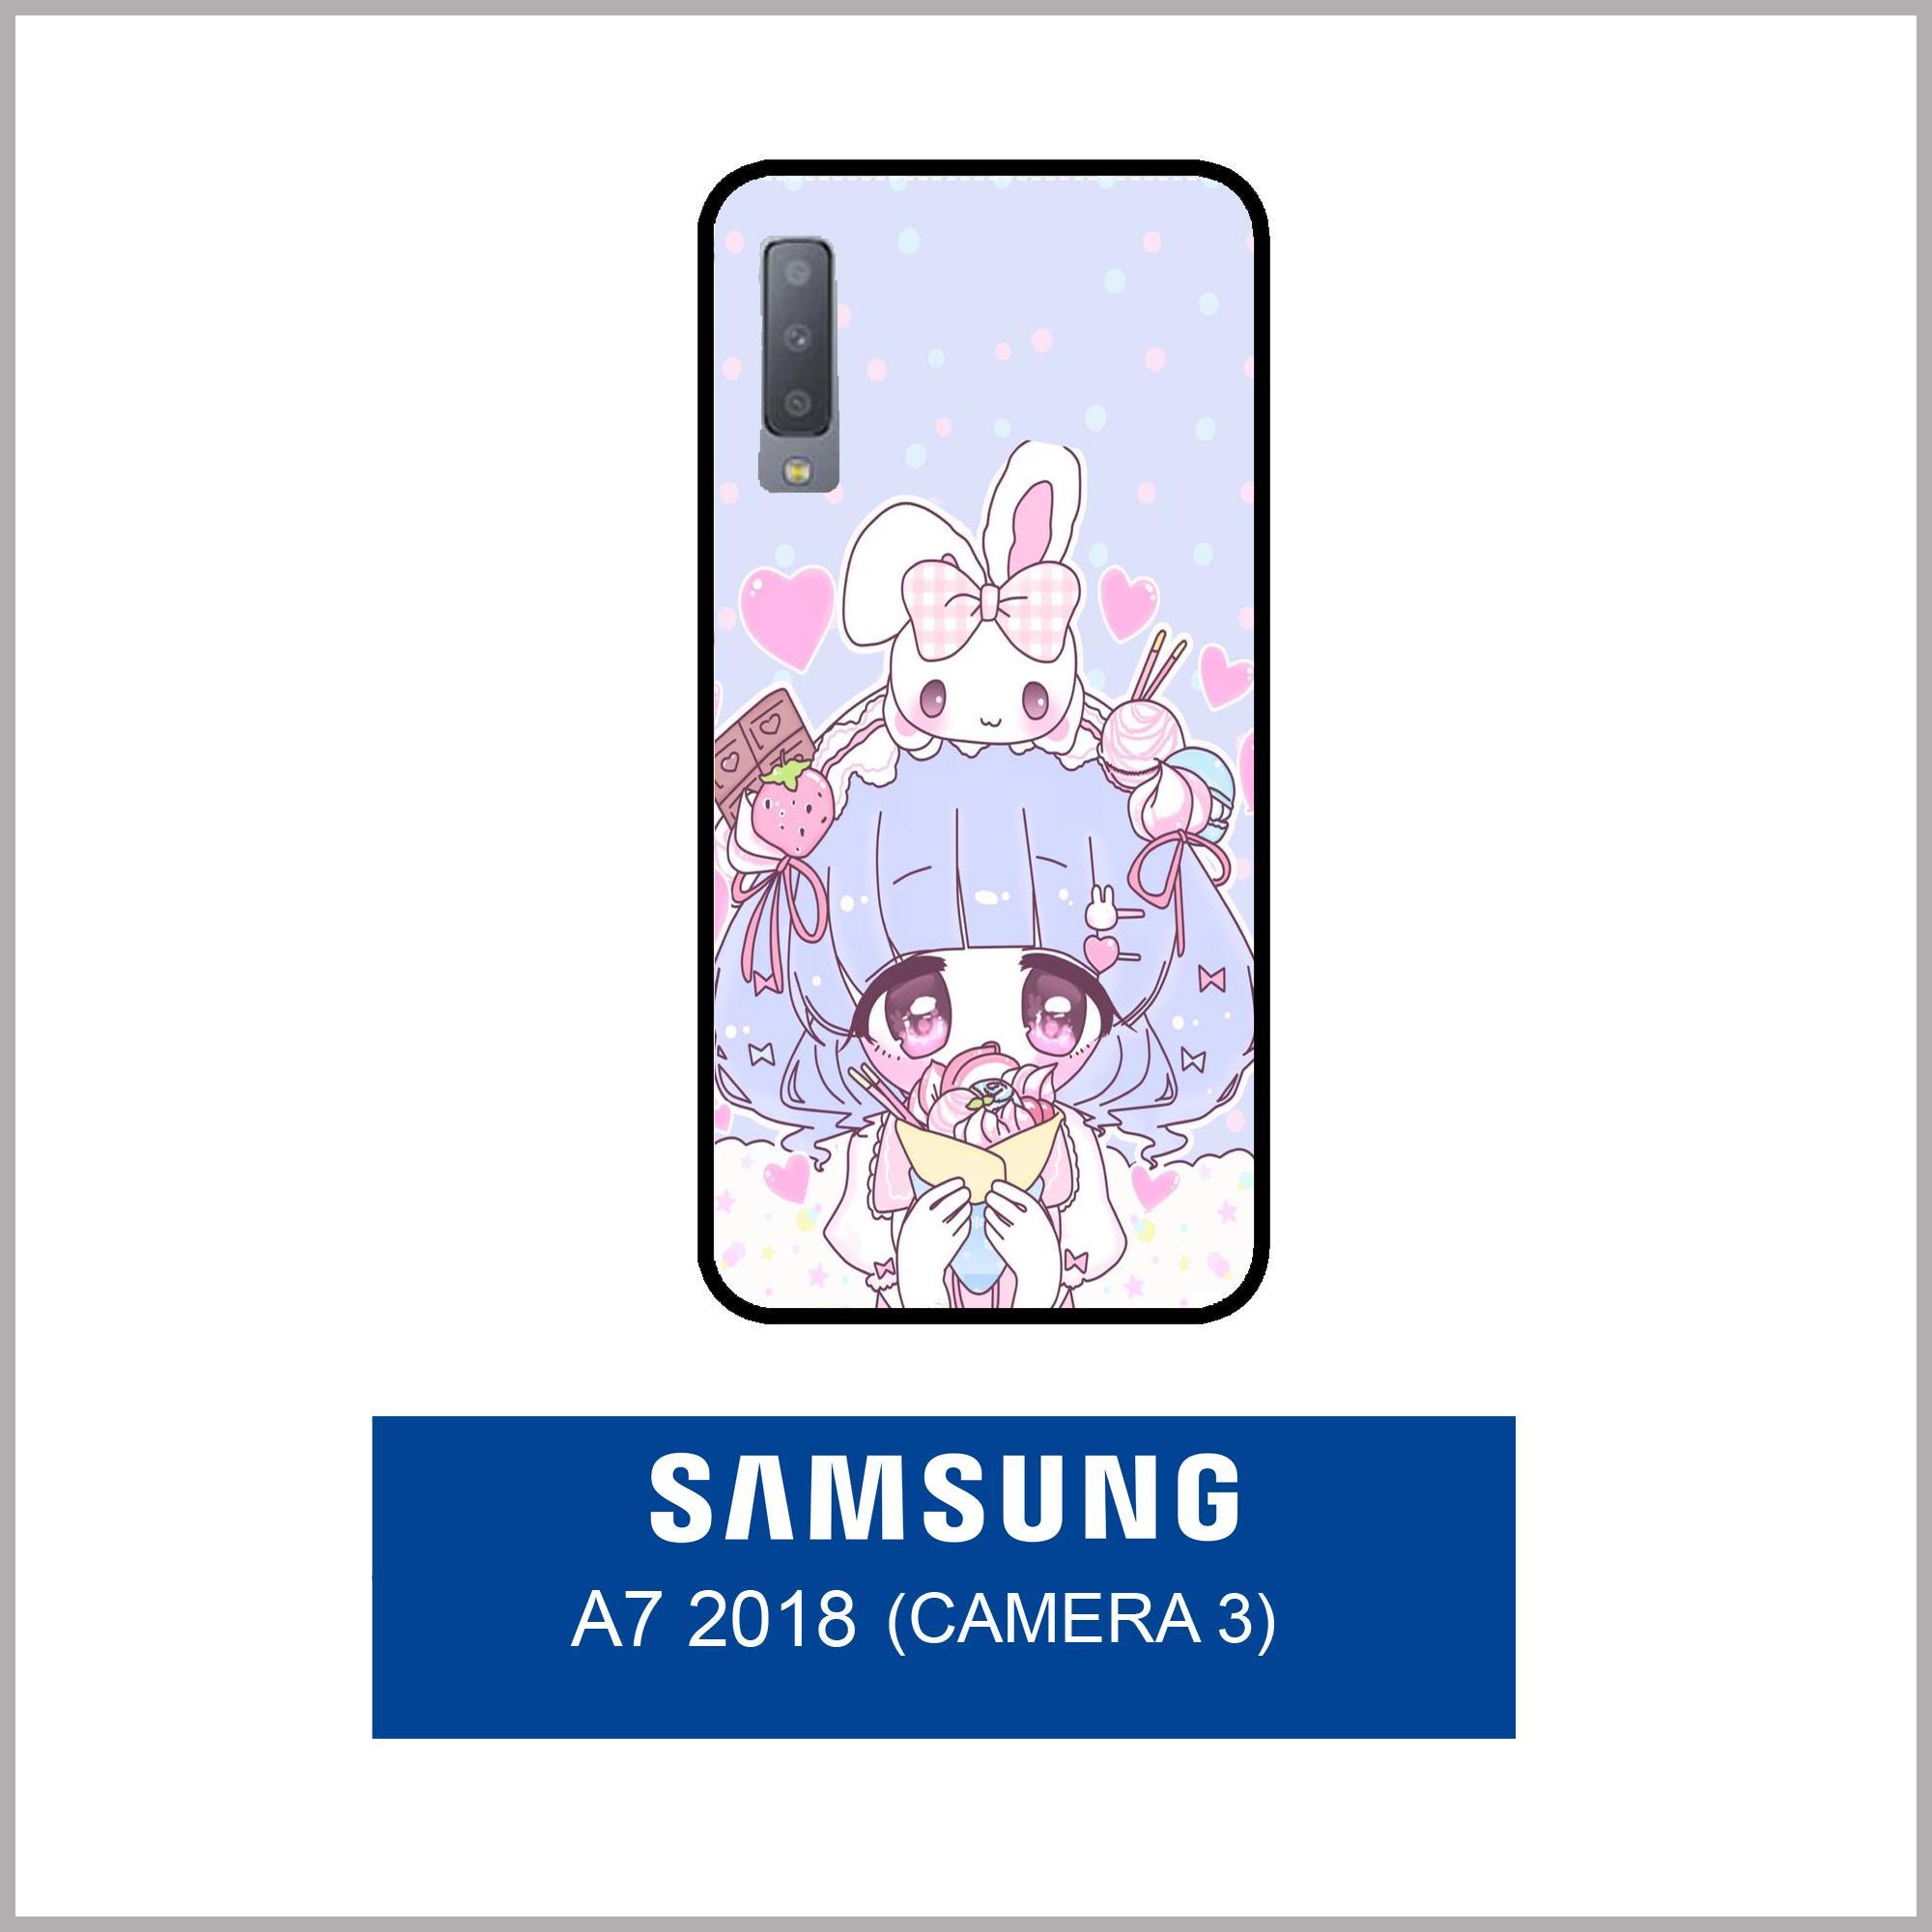 Case Fashion Printing For Samsung Galaxy A7 2018 (3 Camera) - 20